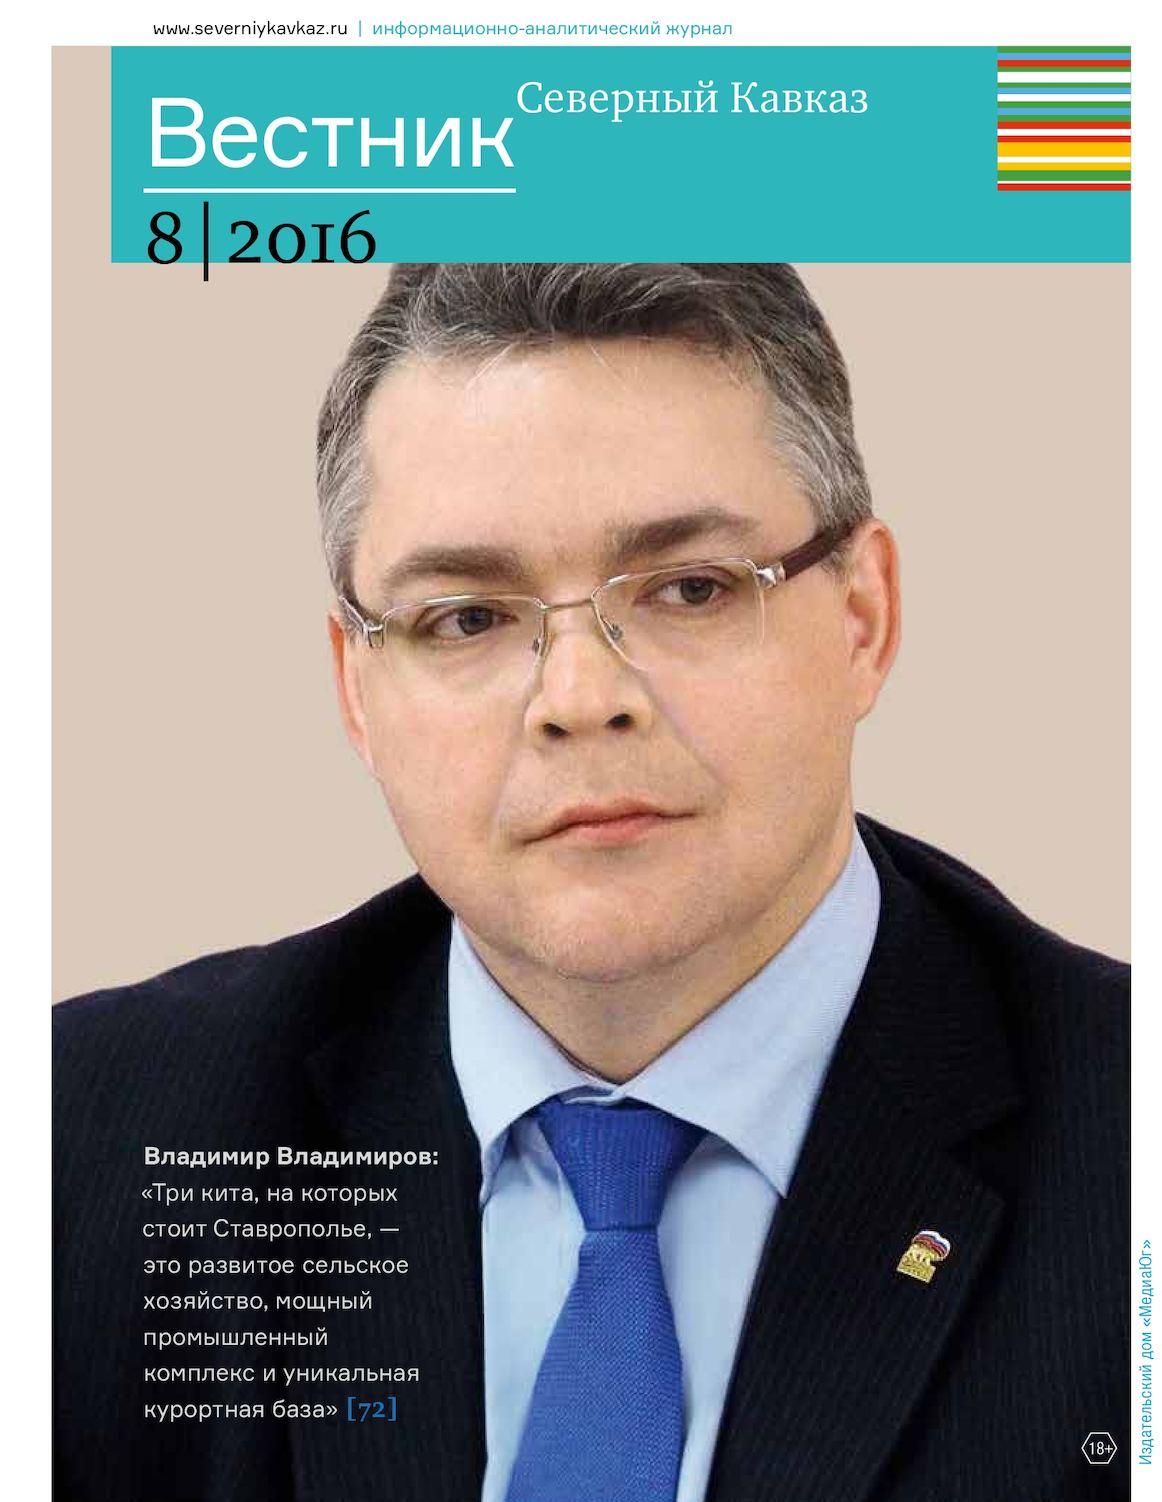 Формируется Всероссийская социальная сеть работников